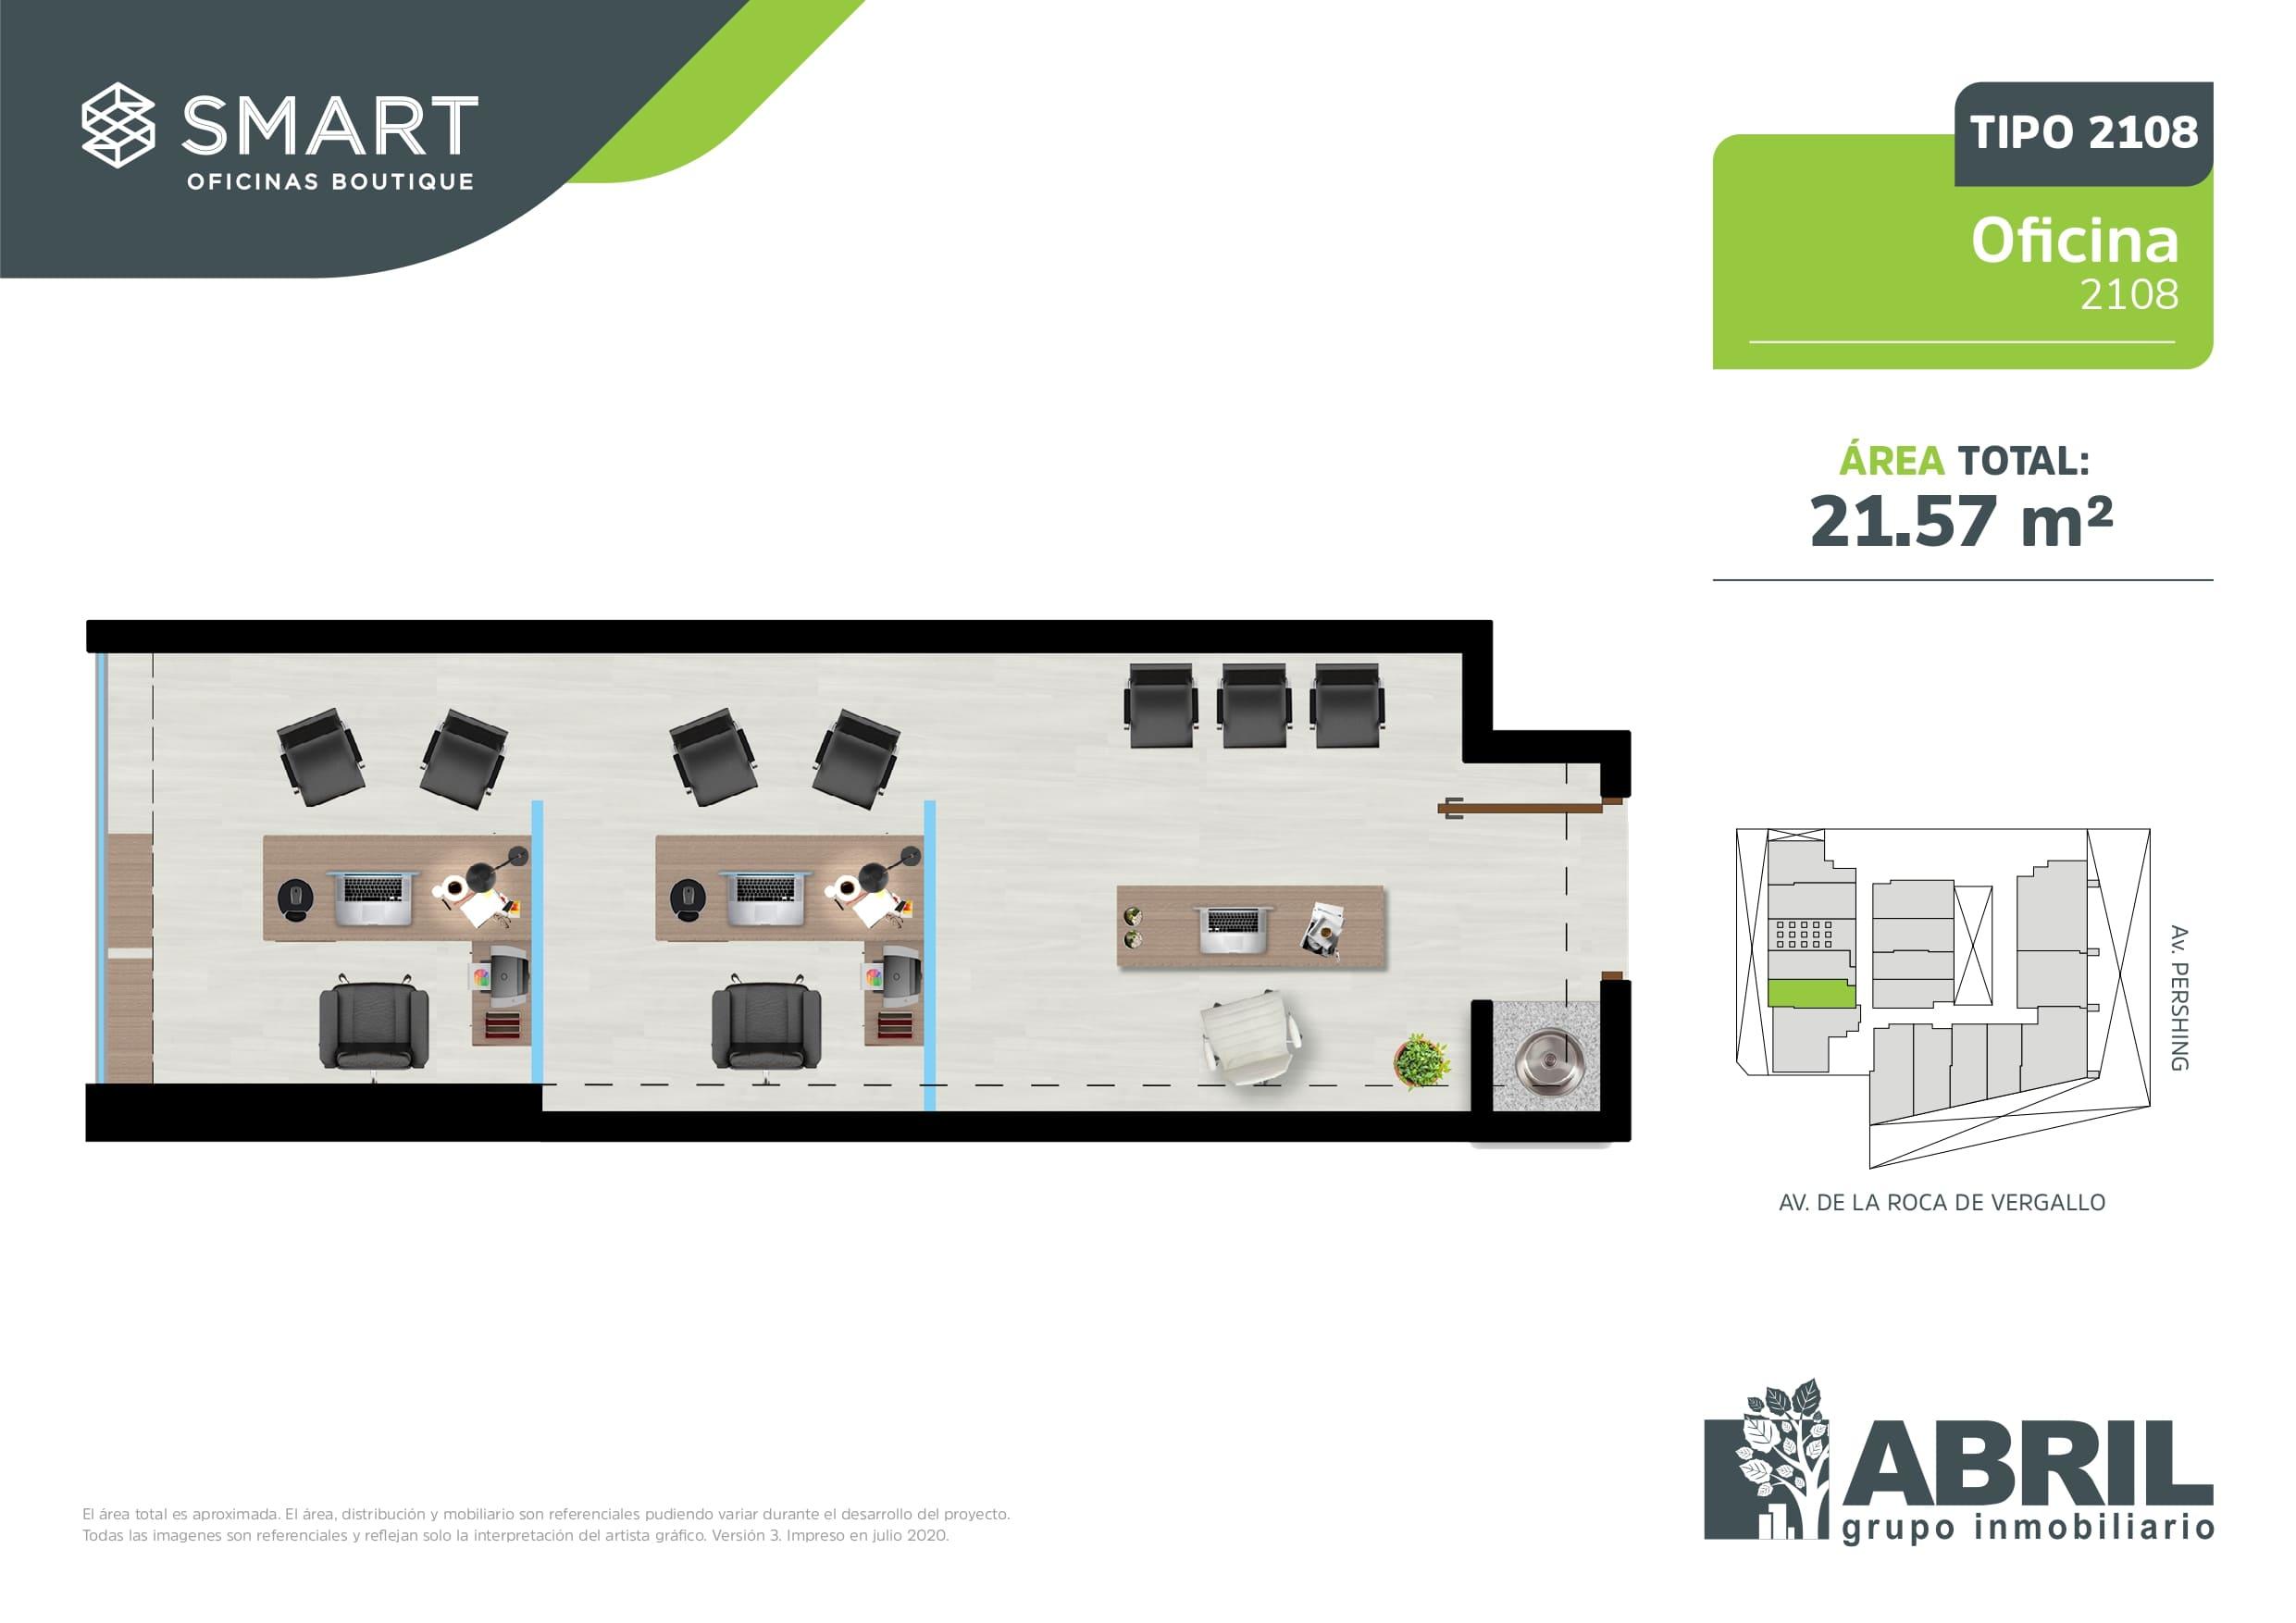 Área total: 21.57 m2